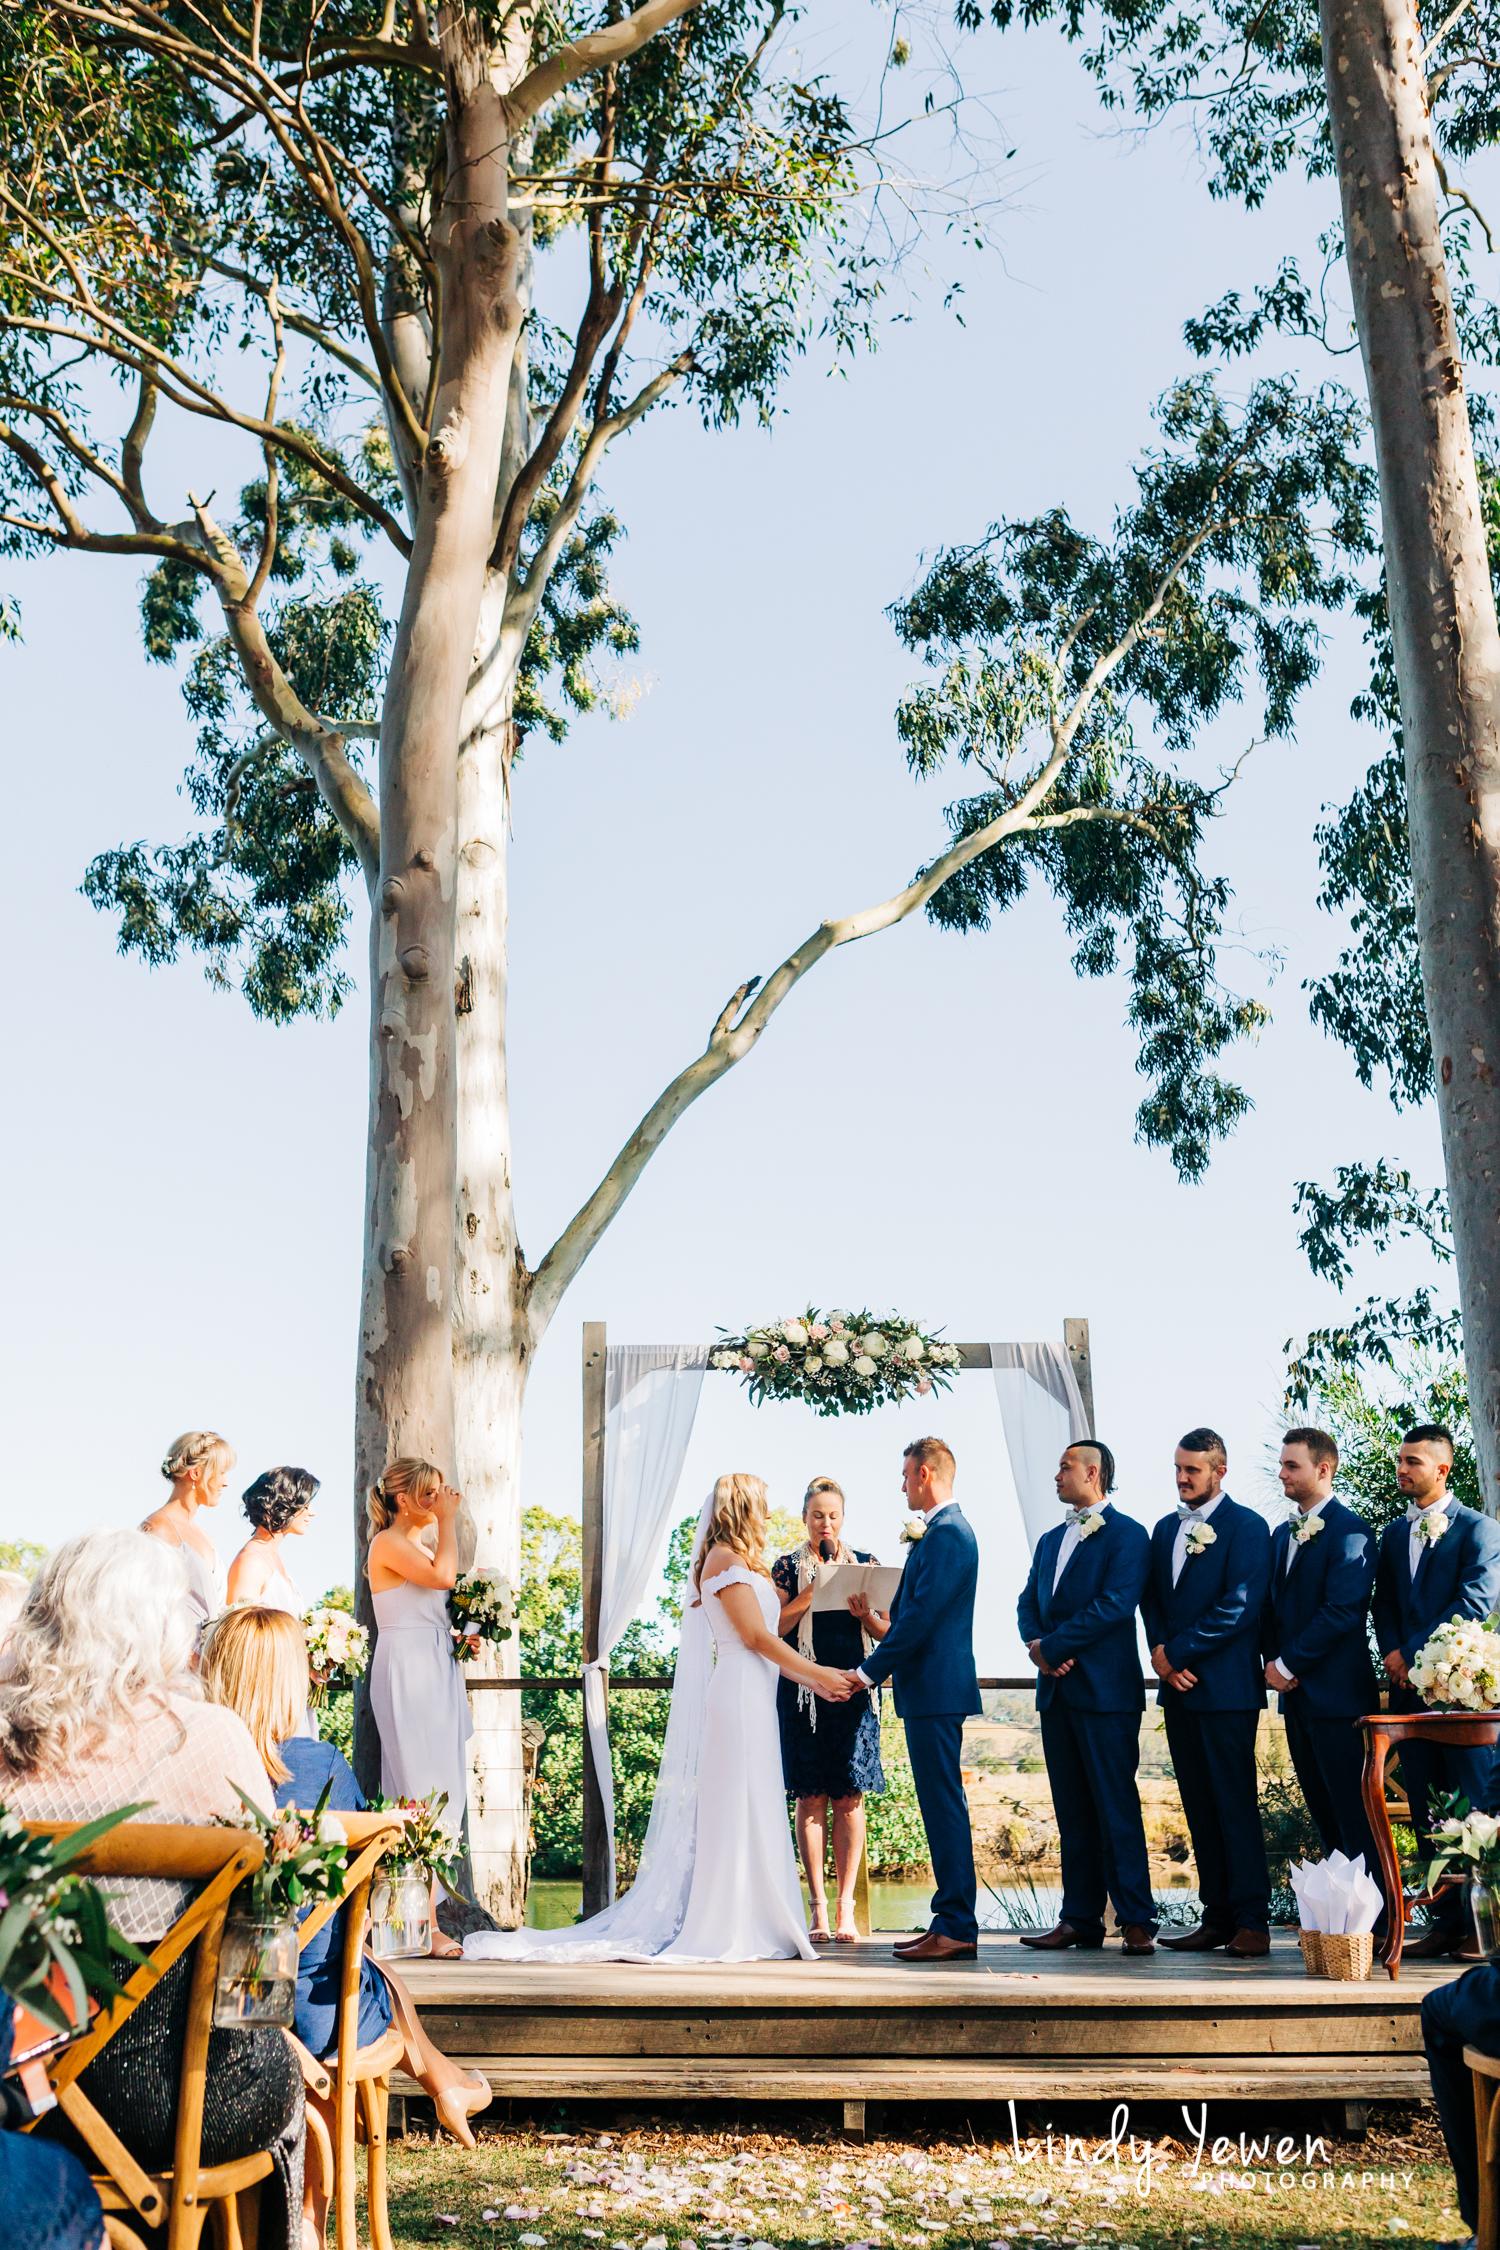 The Rocks Yandina Weddings Lindy Photography